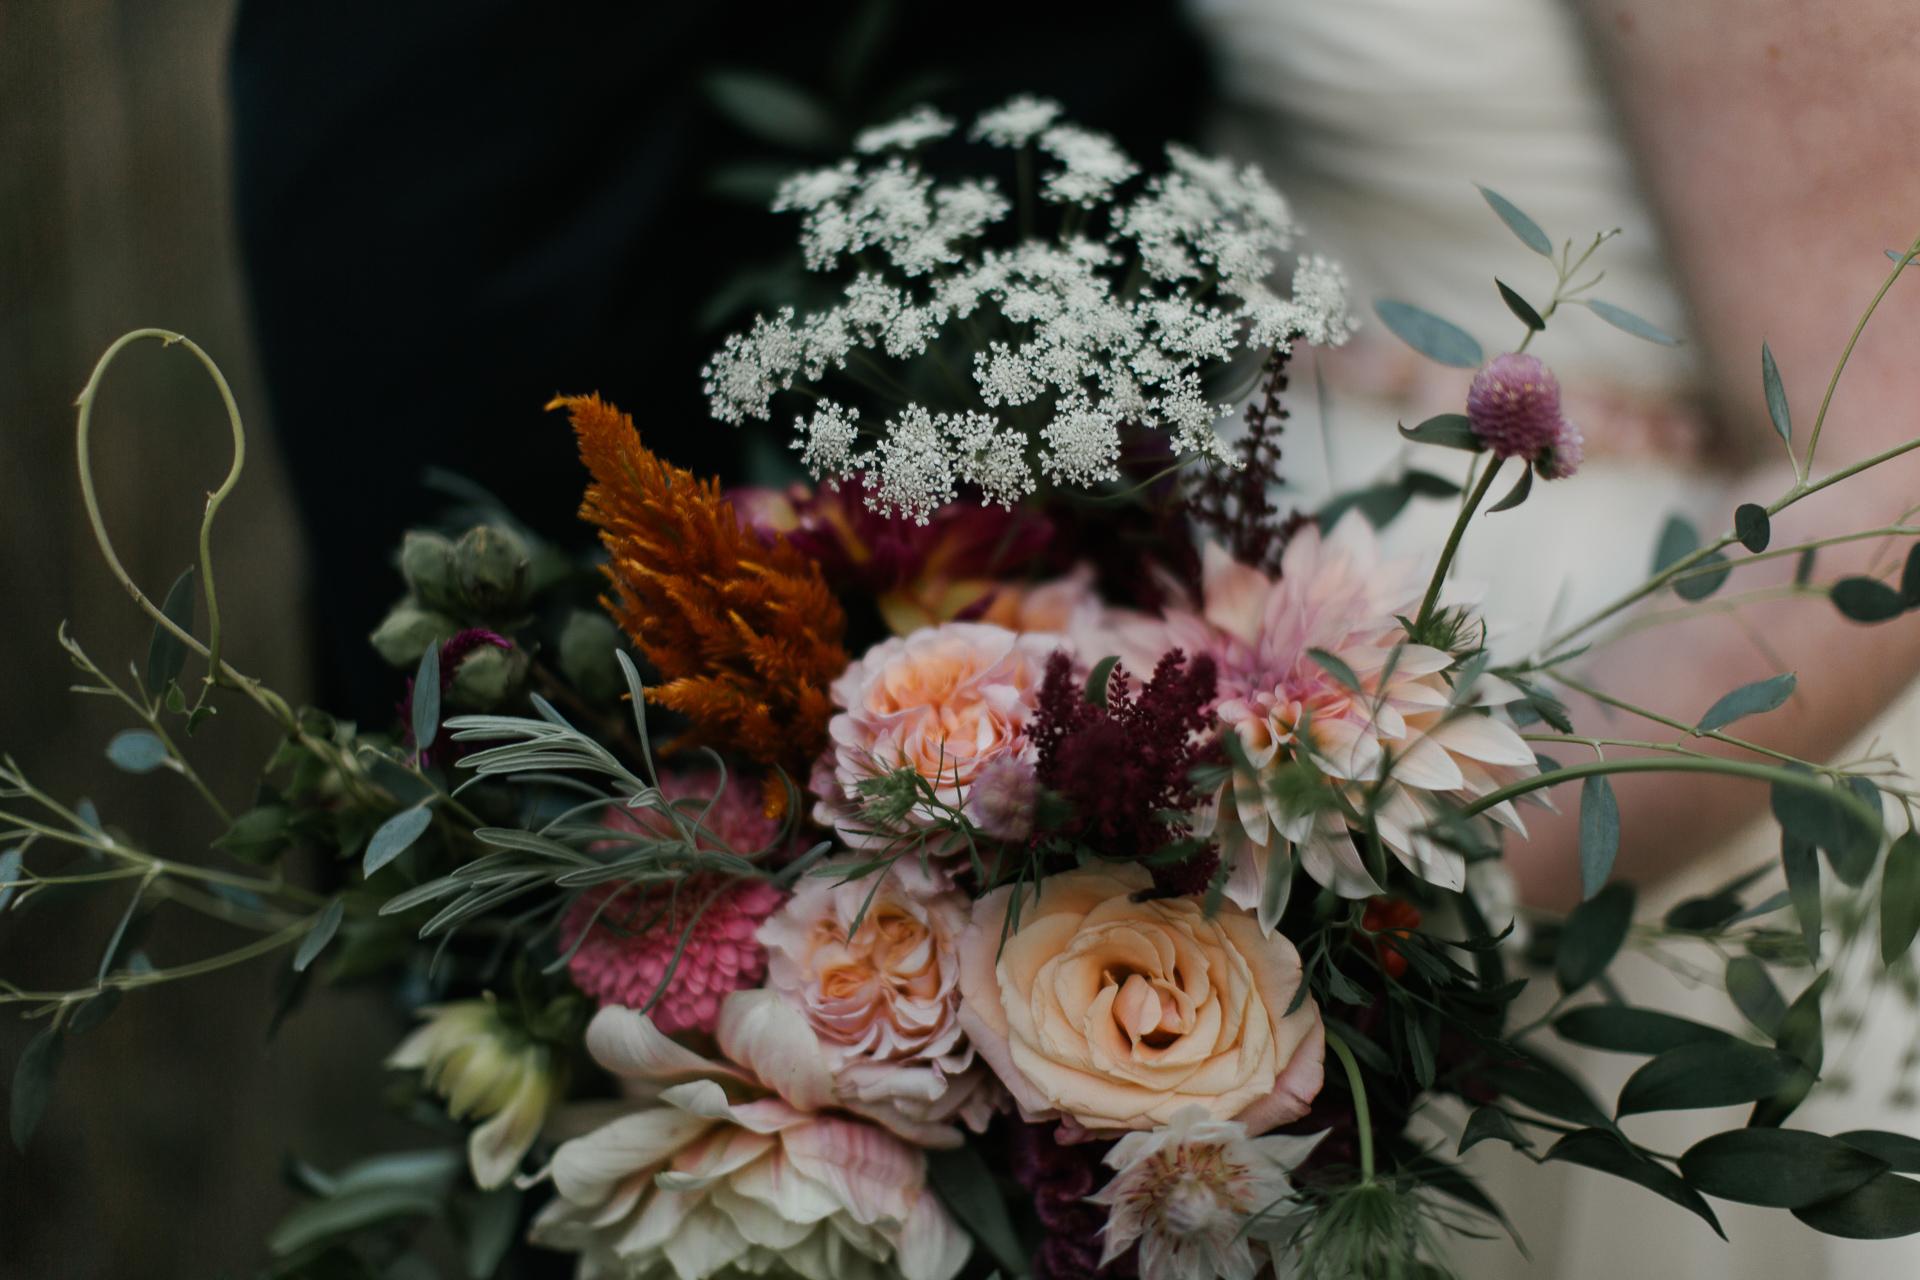 jess-hunter-tilghman-island-wedding-photographer-8074.jpg